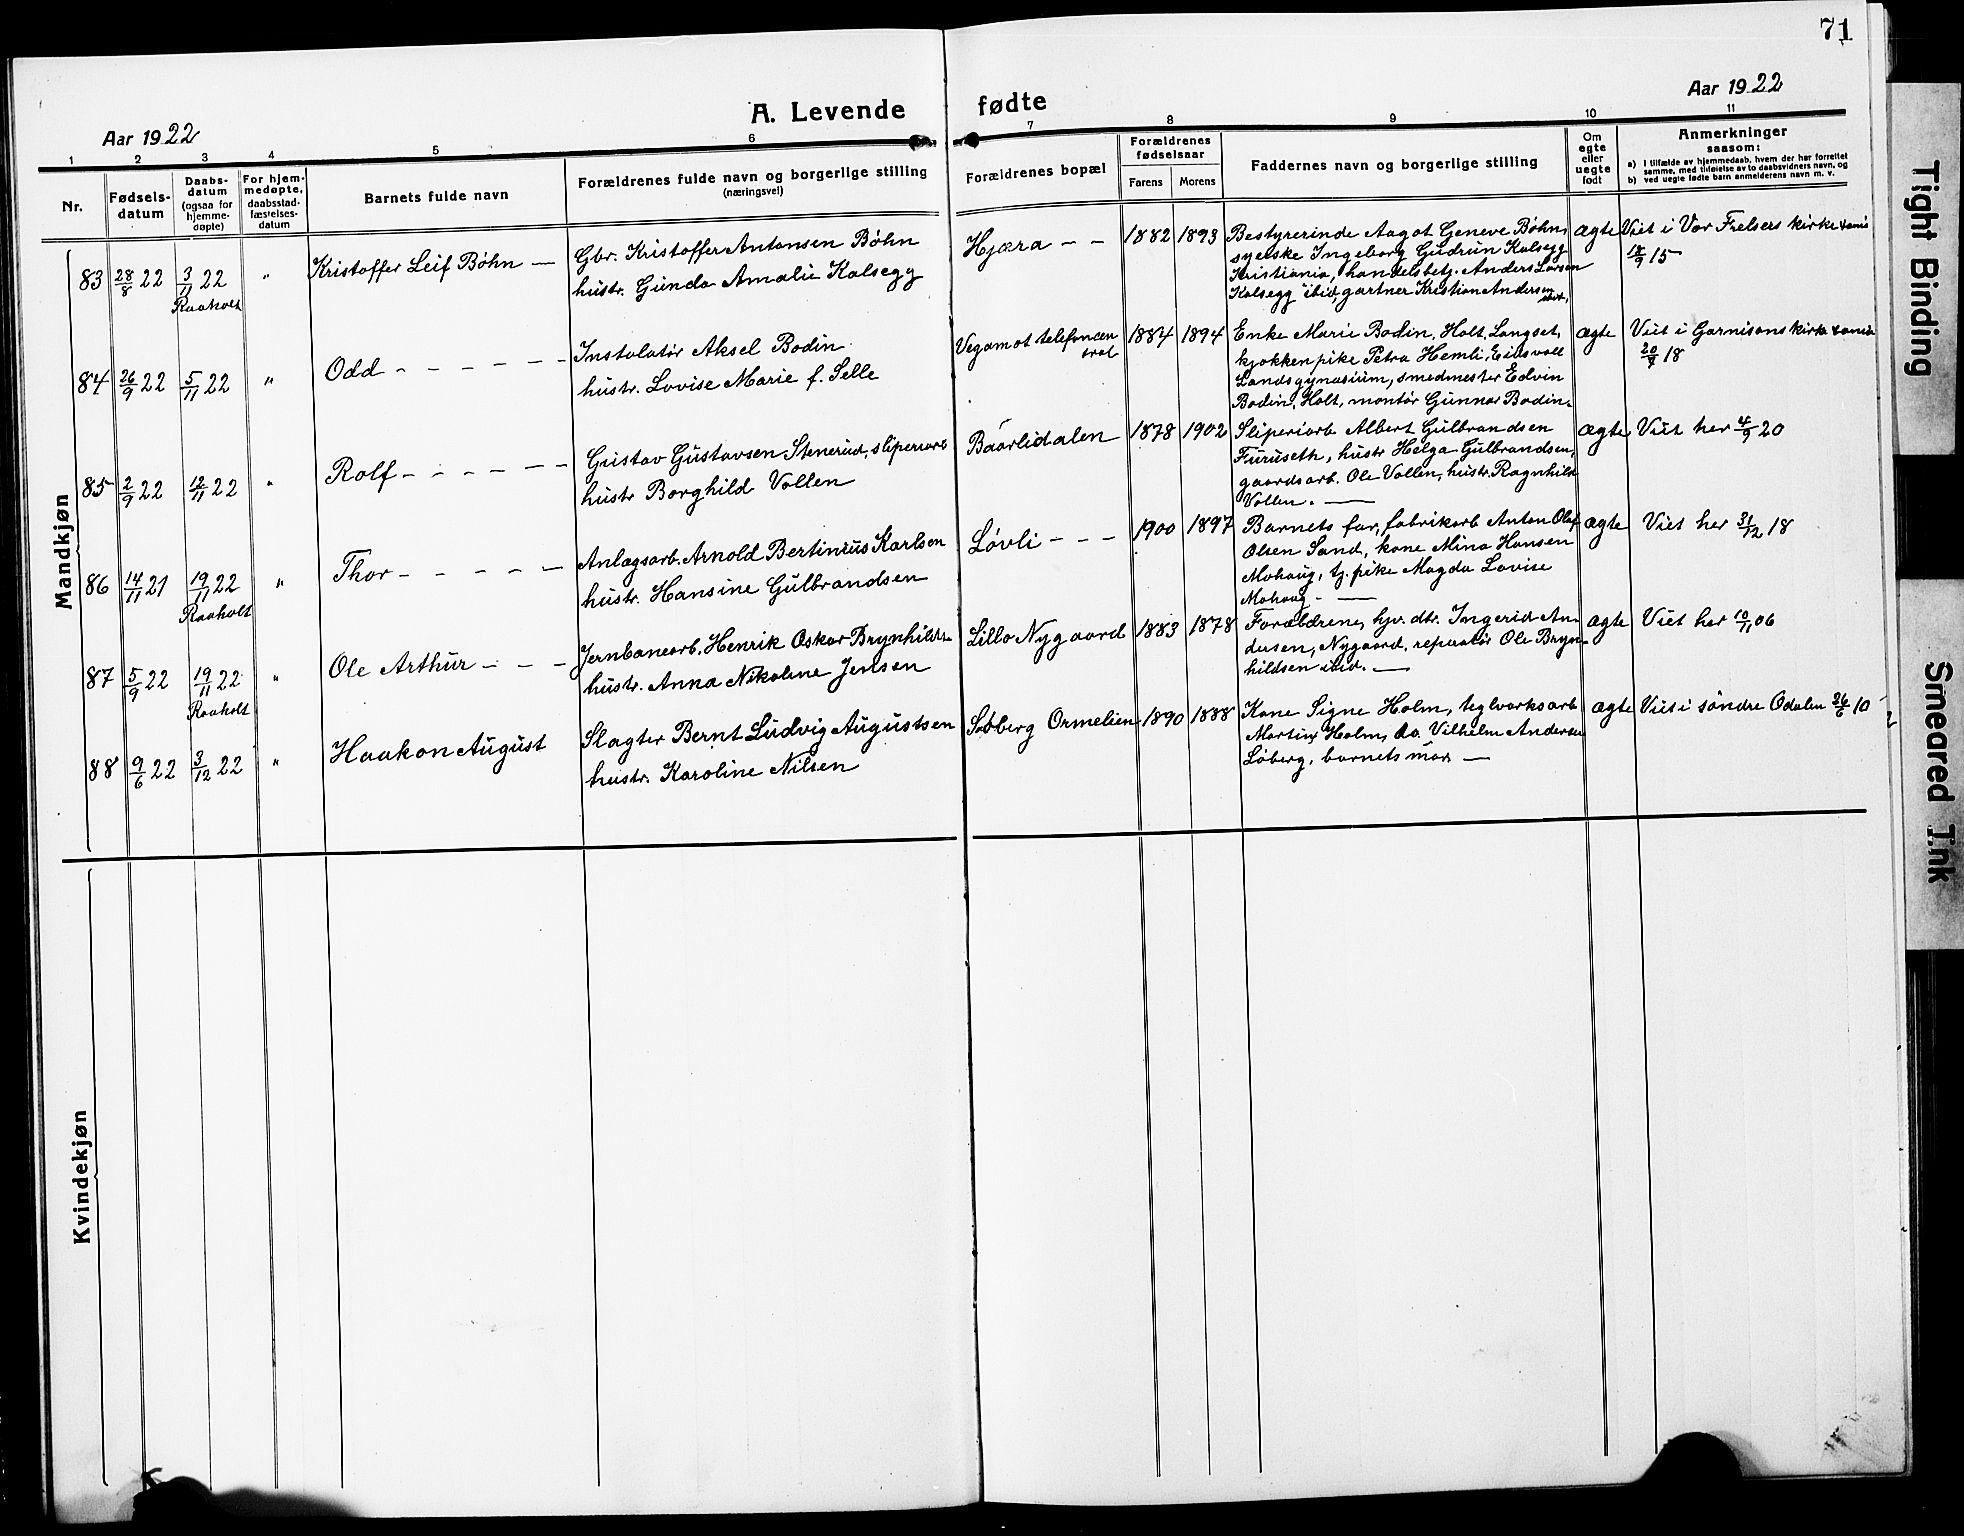 SAO, Eidsvoll prestekontor Kirkebøker, G/Ga/L0010: Klokkerbok nr. I 10, 1919-1929, s. 71